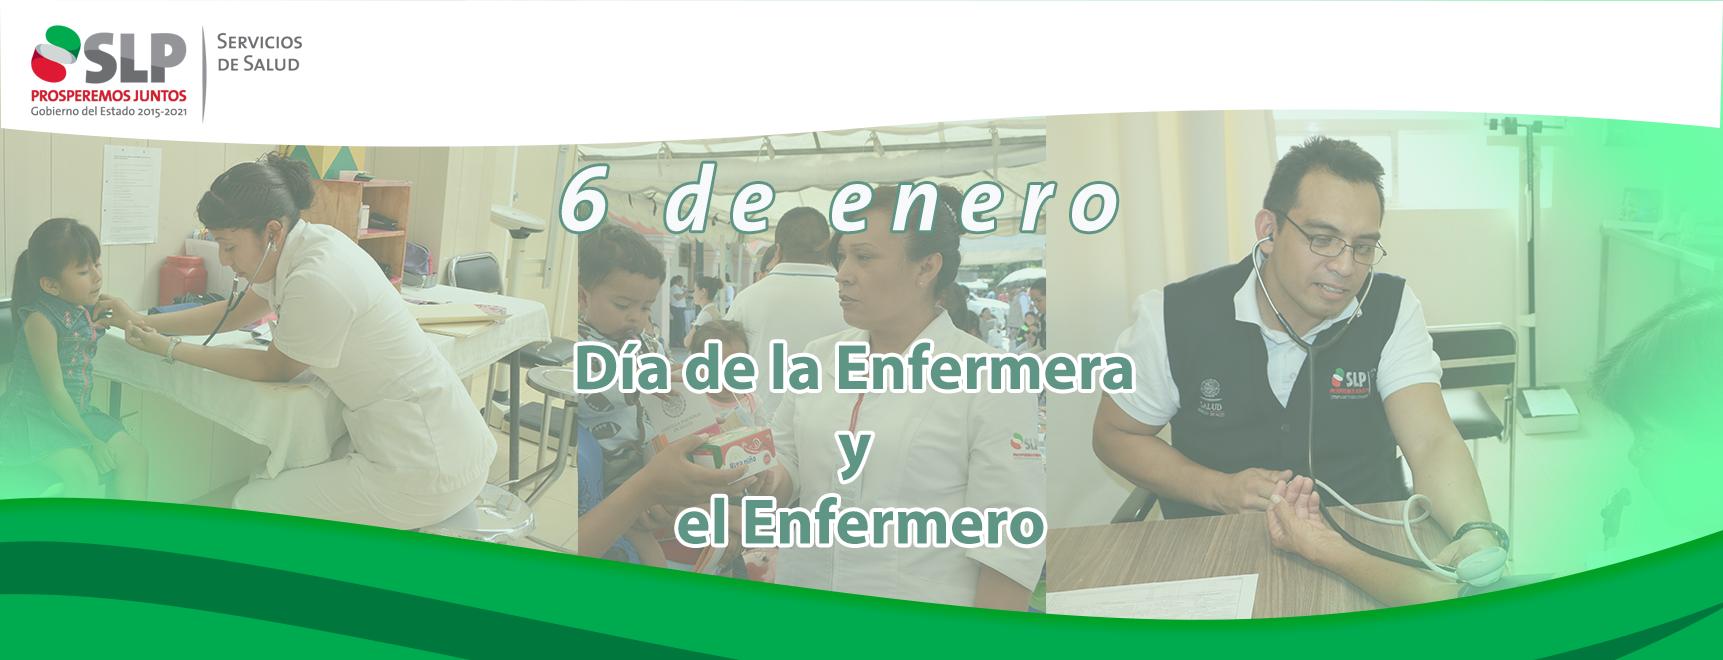 DÍA DE LA ENFERMERA Y ENFERMERO